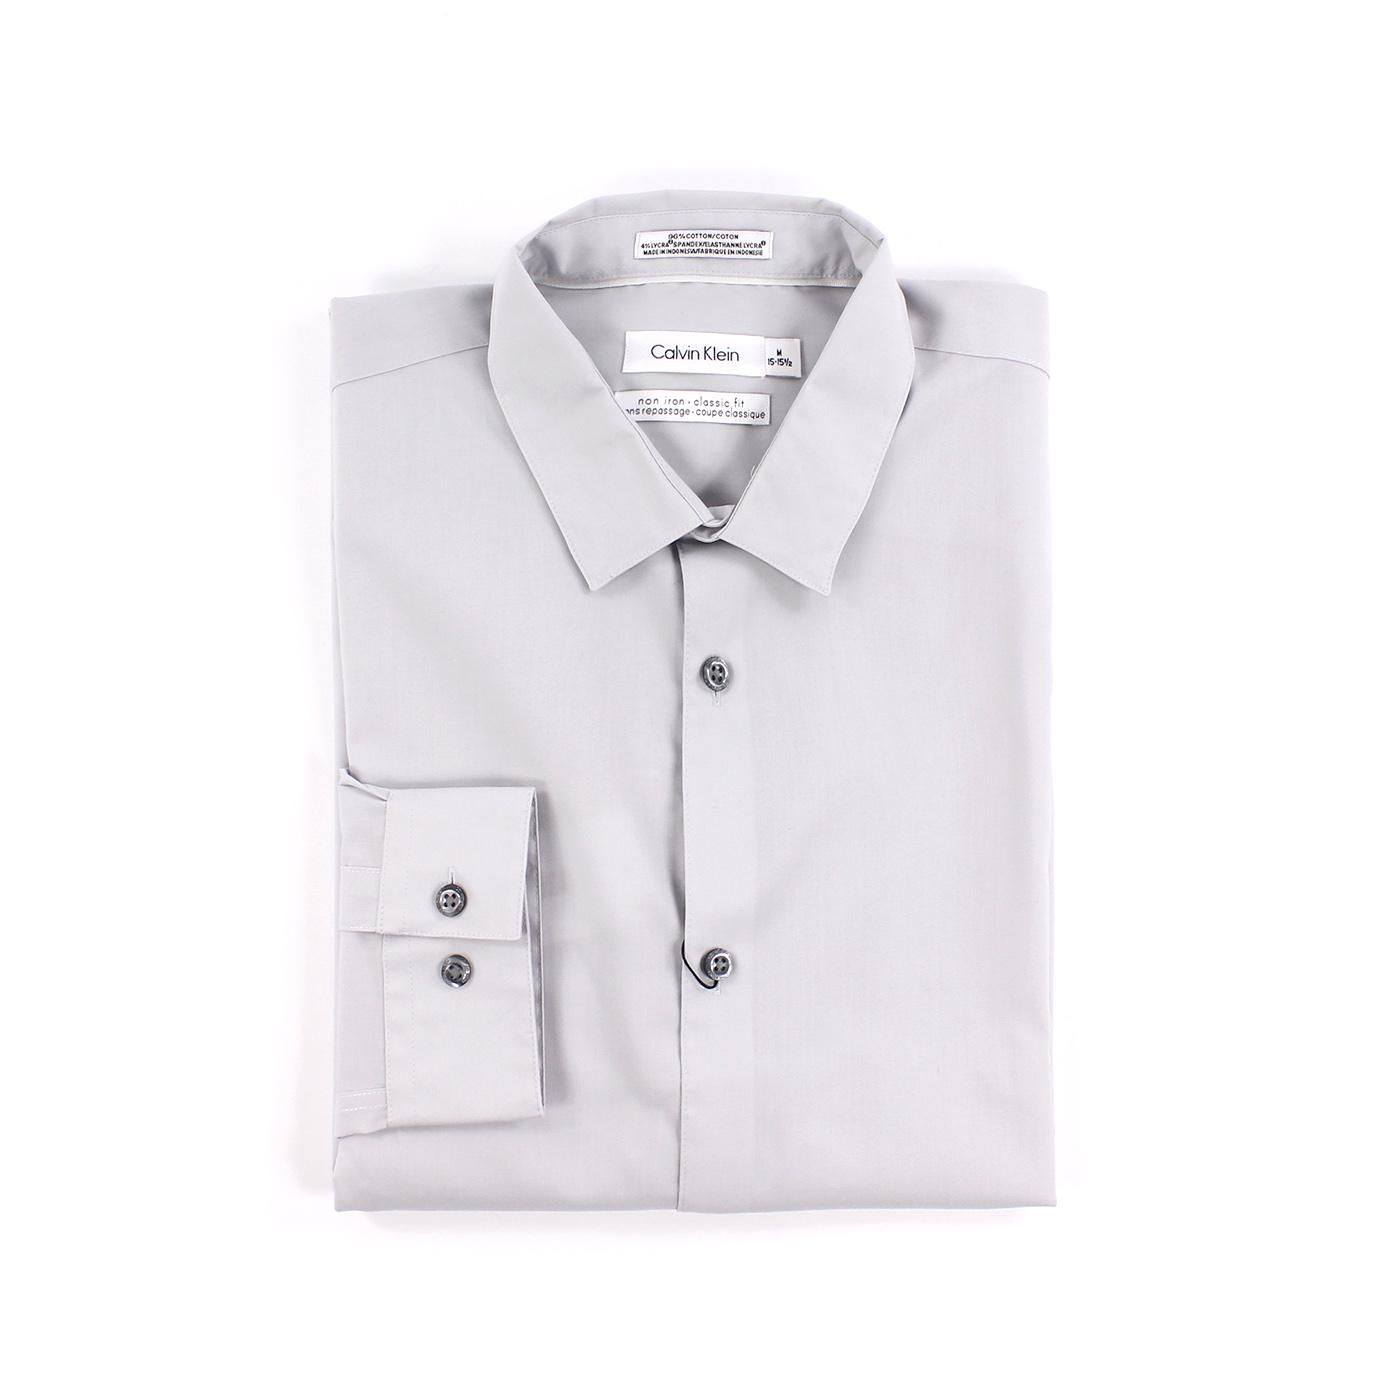 美國百分百【全新真品】Calvin Klein 襯衫 CK 男衣 上班 淺灰色 長袖 上衣 商務 專櫃款 M號 C615